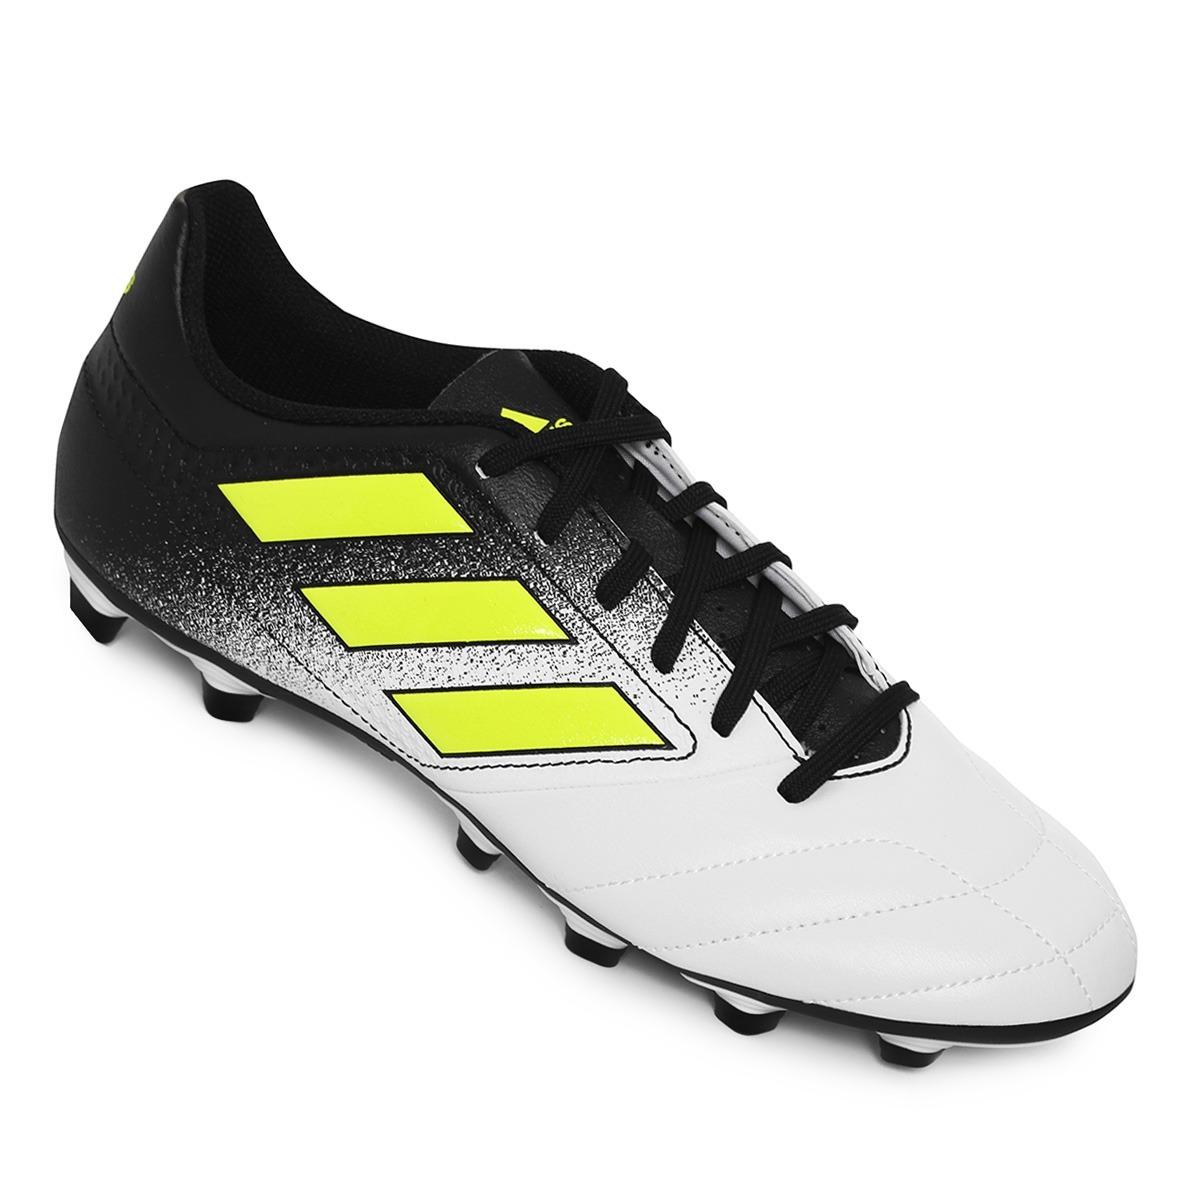 1 Adidas 4 Fg Futbol Ace De Blanco 00 En 17 Negro Zapatos 299 wOzqApW